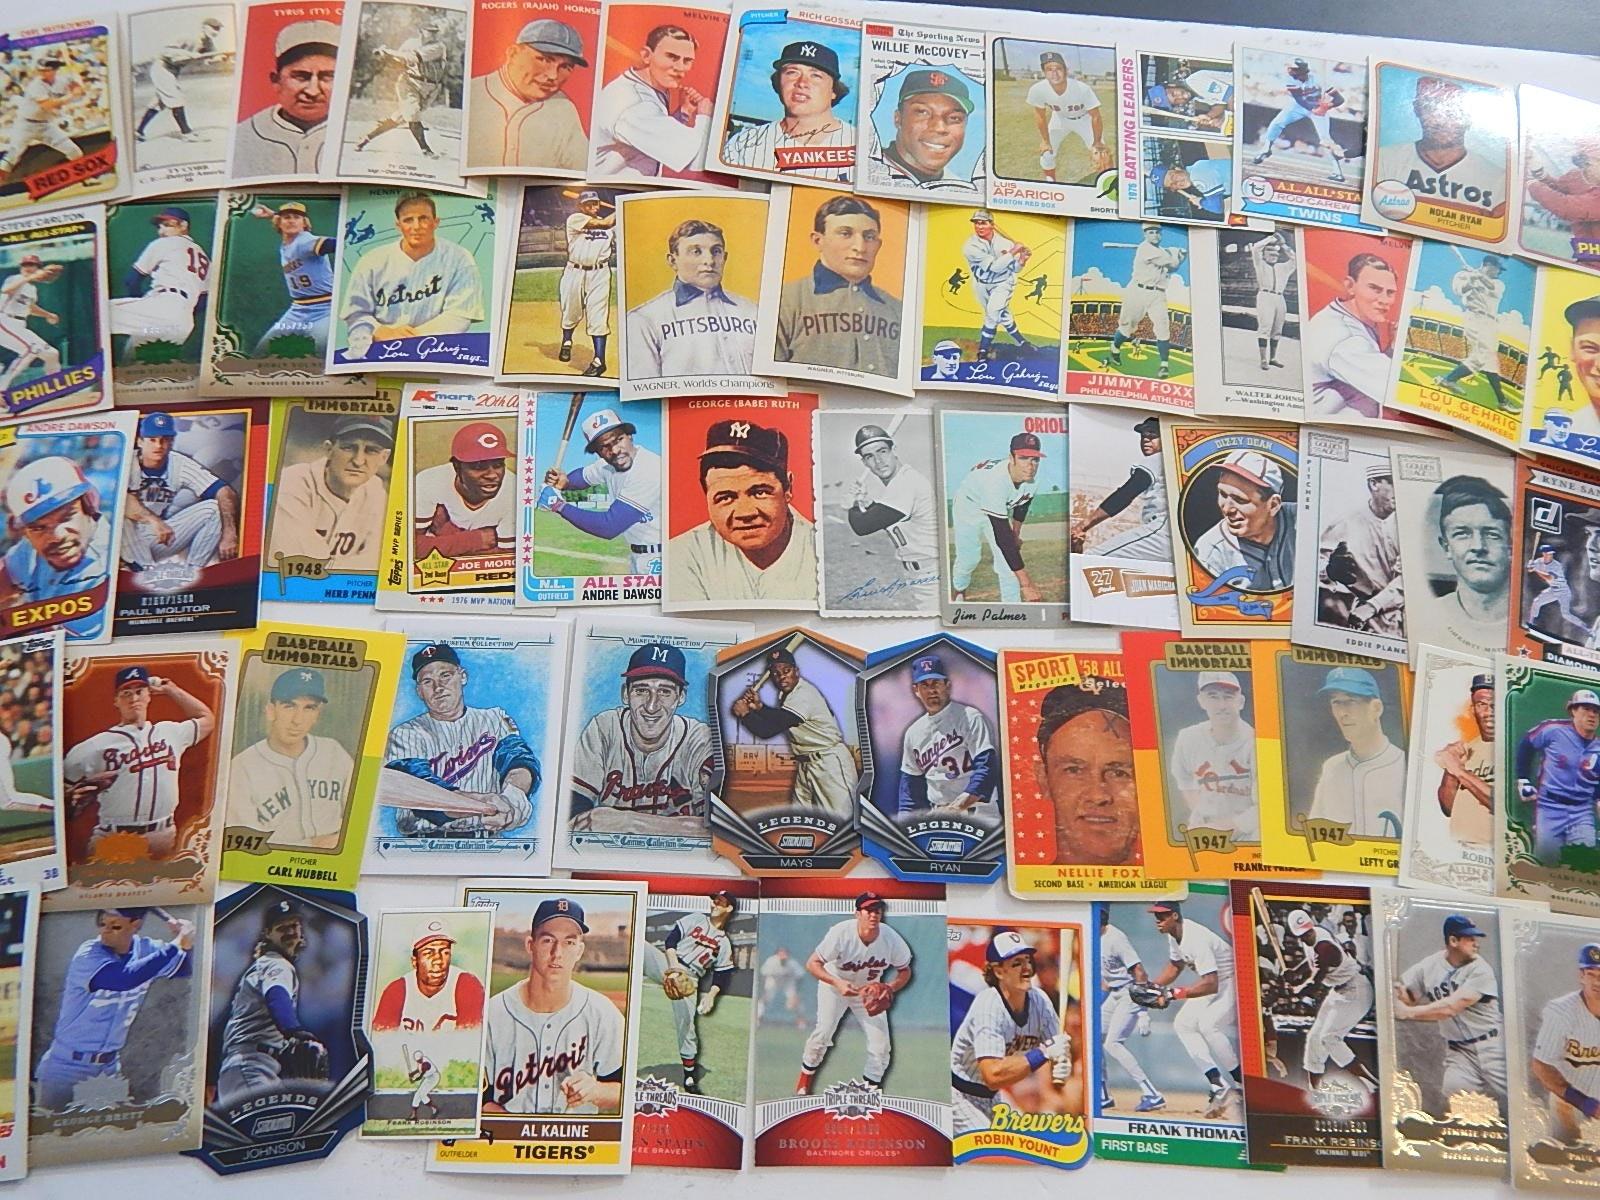 1970s to 2000s Baseball Hall of Fame Baseball Player Card Collection